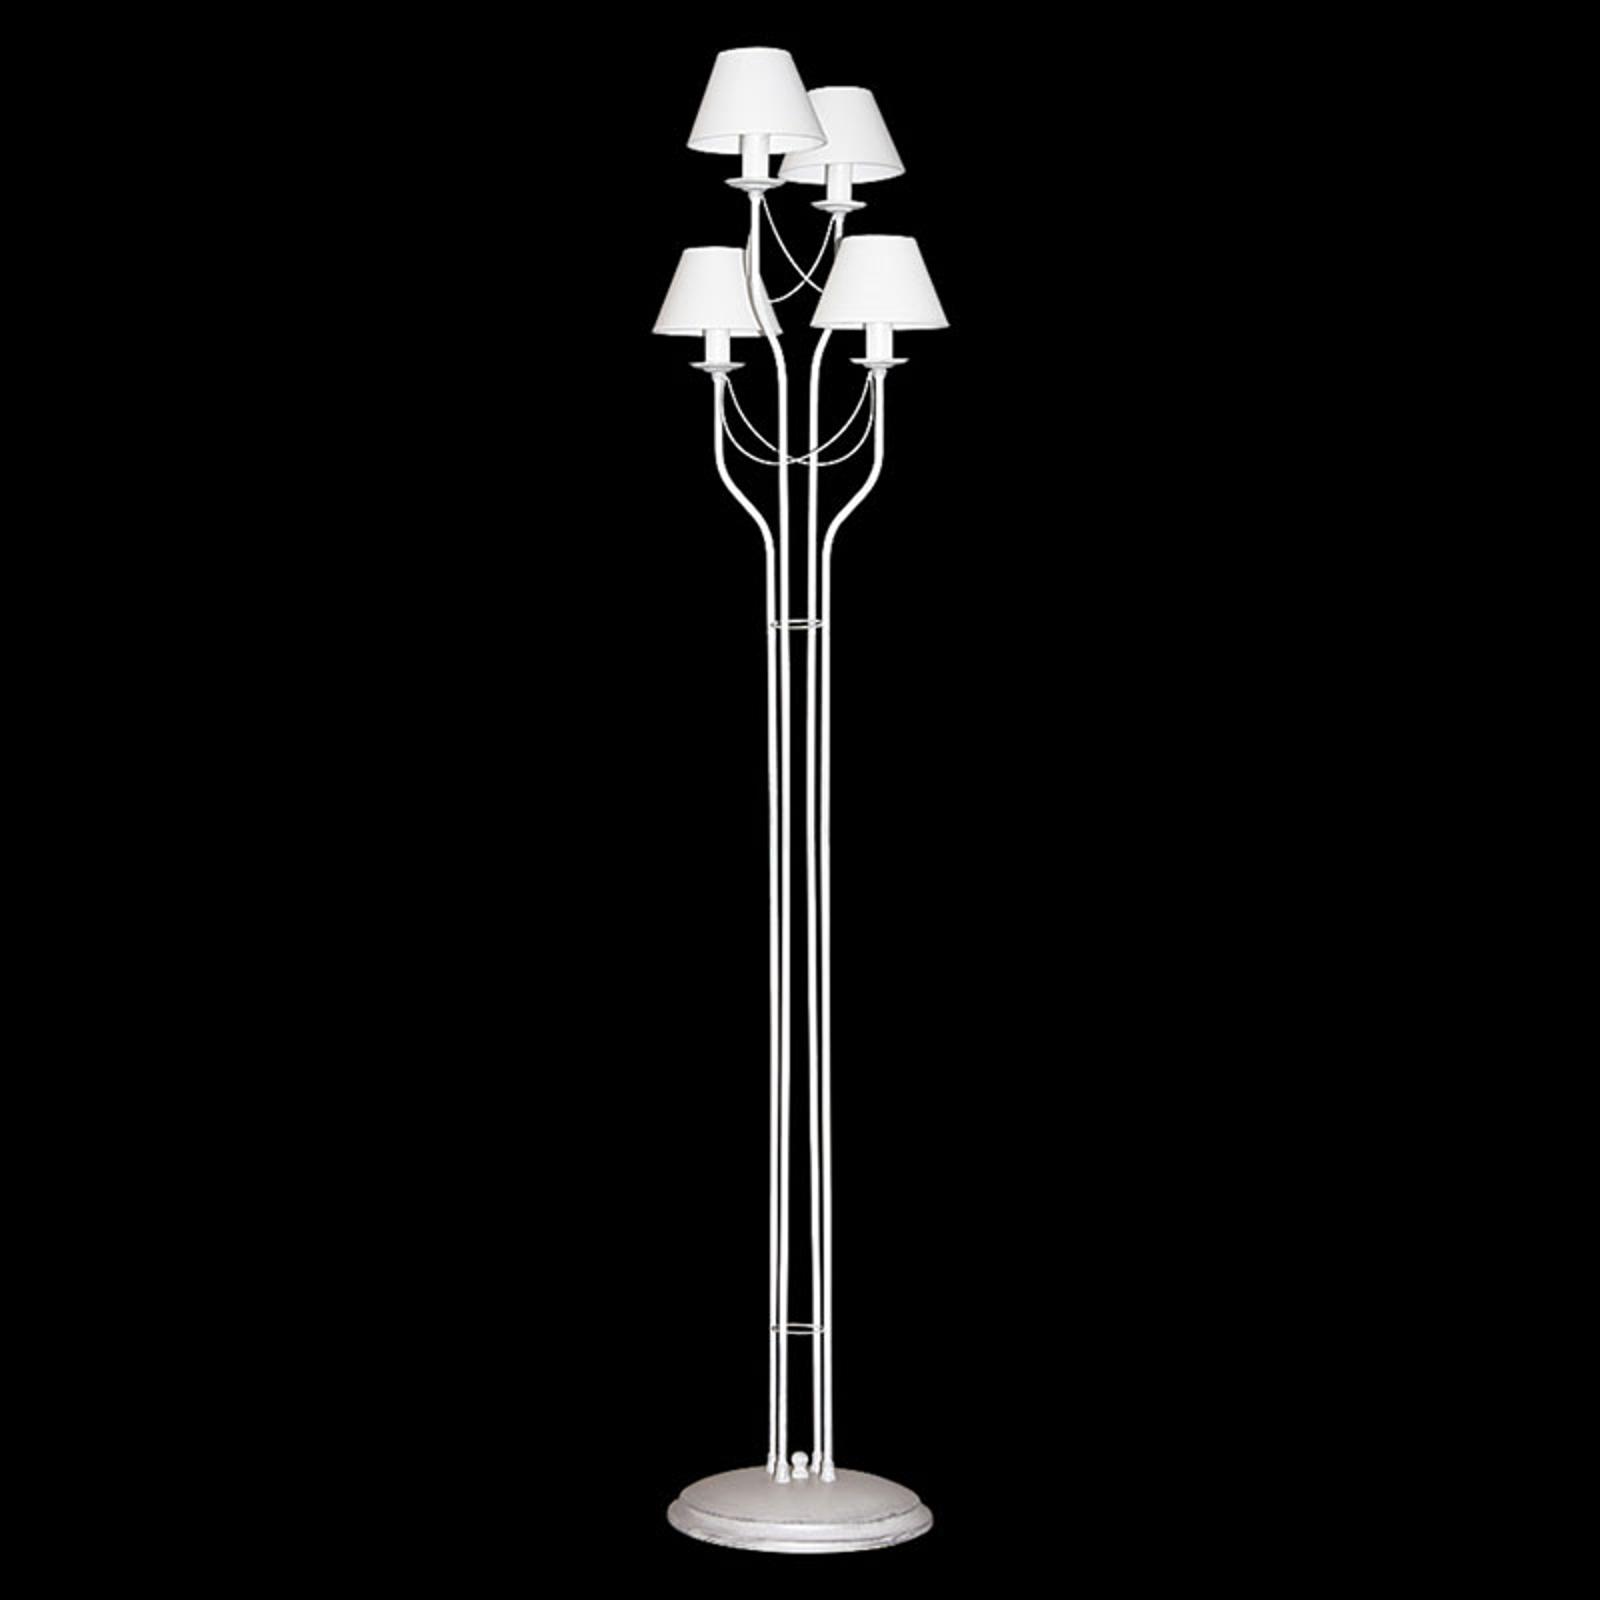 Lampa stojąca Bona z tkaniny, biała